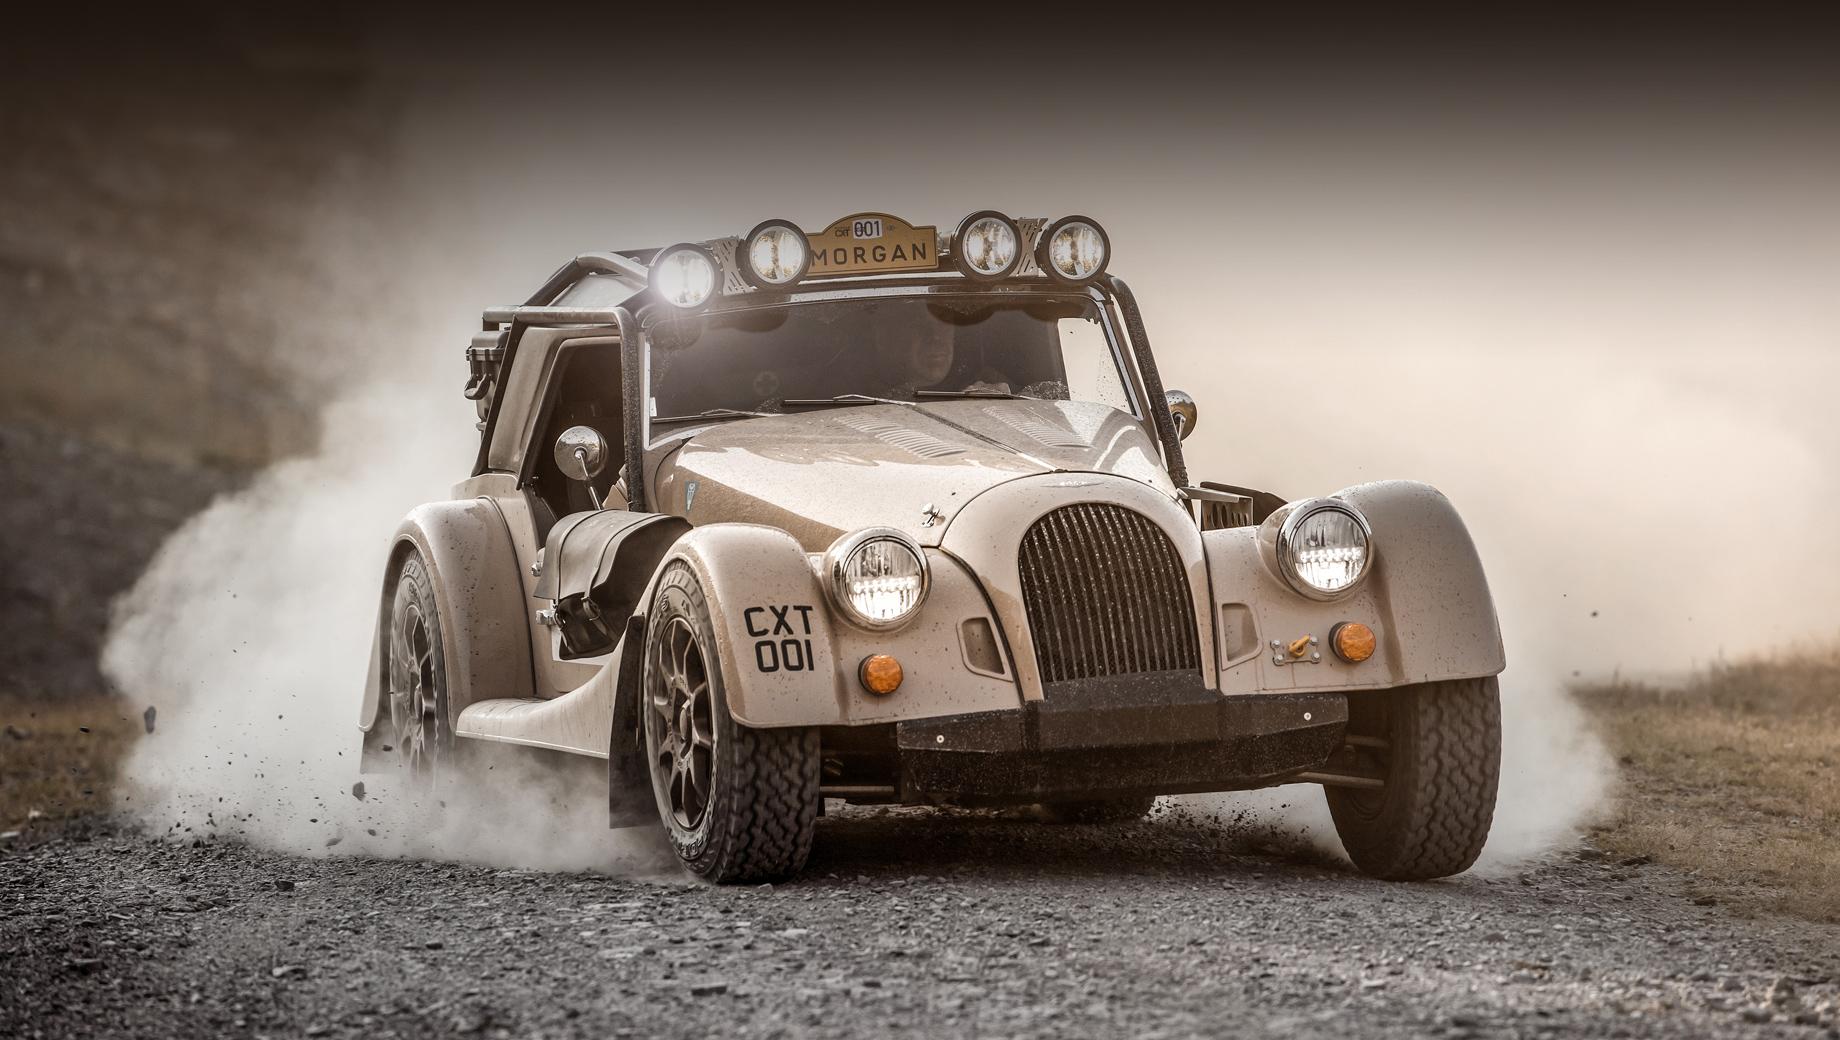 Morgan plus four,Morgan plus four cx-t. Модель создана в кооперации с фирмой Rally Raid UK, известной по разработке машин для Дакара.